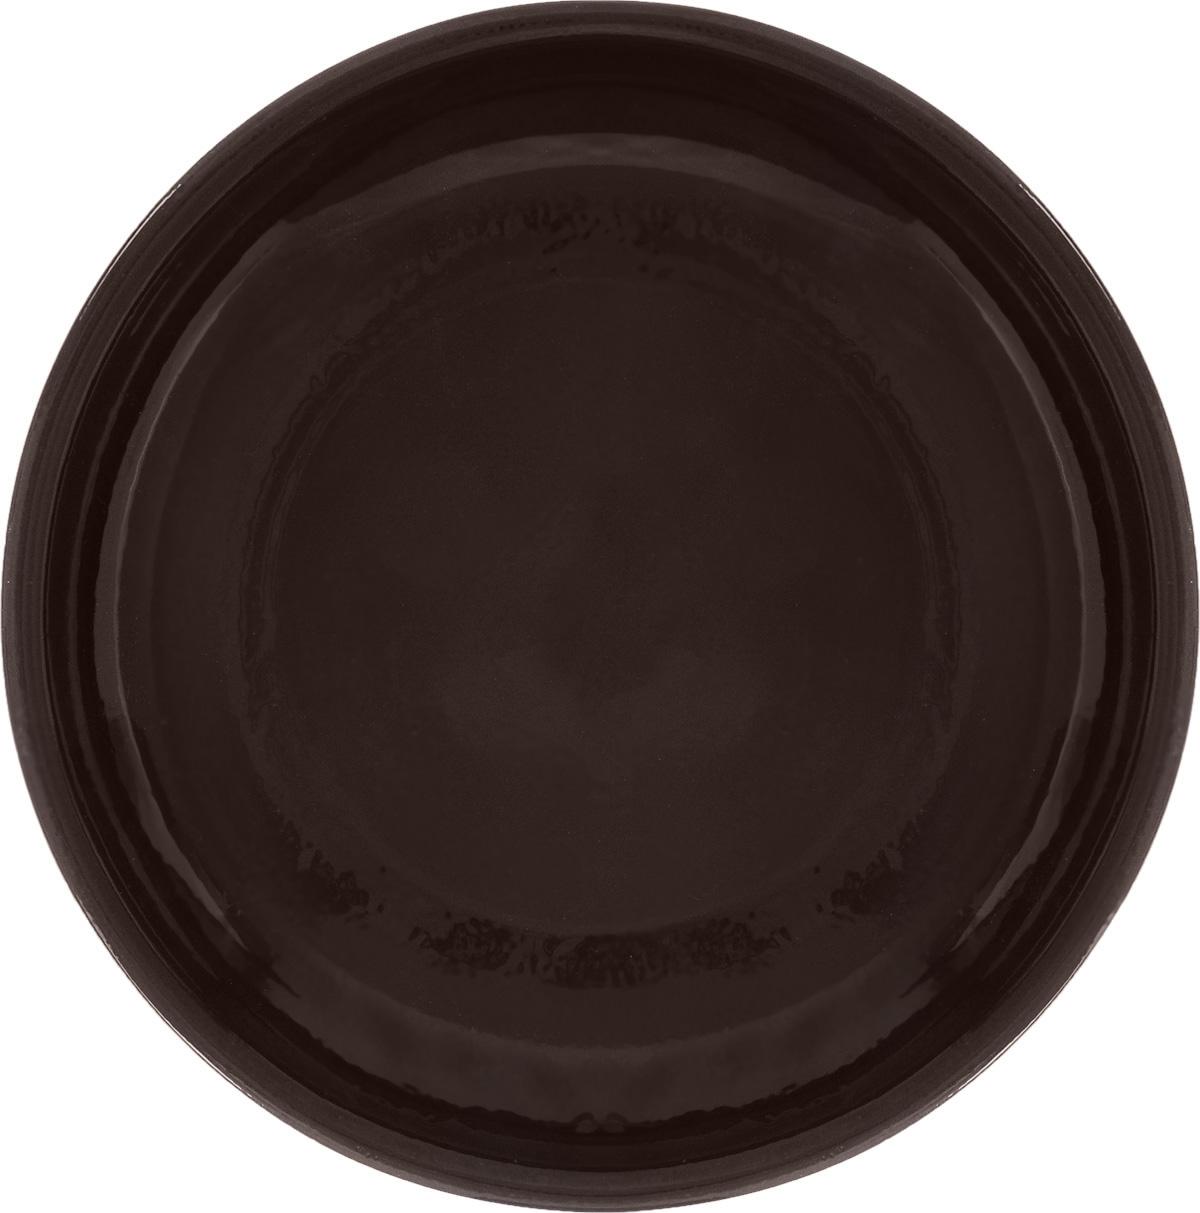 Тарелка Борисовская керамика Старина, цвет: темно-коричневый, диаметр 18 смСТР00000455_темно-коричневыйТарелка Борисовская керамика Радуга, изготовленная из глины, имеет изысканный внешний вид. Лаконичный дизайн придется по вкусу и ценителям классики, и тем, кто предпочитает утонченность. Такая тарелка идеально подойдет для сервировки стола, а также для запекания вторых блюд в духовке. Тарелка Борисовская керамика Радуга впишется в любой интерьер современной кухни и станет отличным подарком для вас и ваших близких. Можно использовать в микроволновой печи и духовке. Диаметр (по верхнему краю): 18 см.